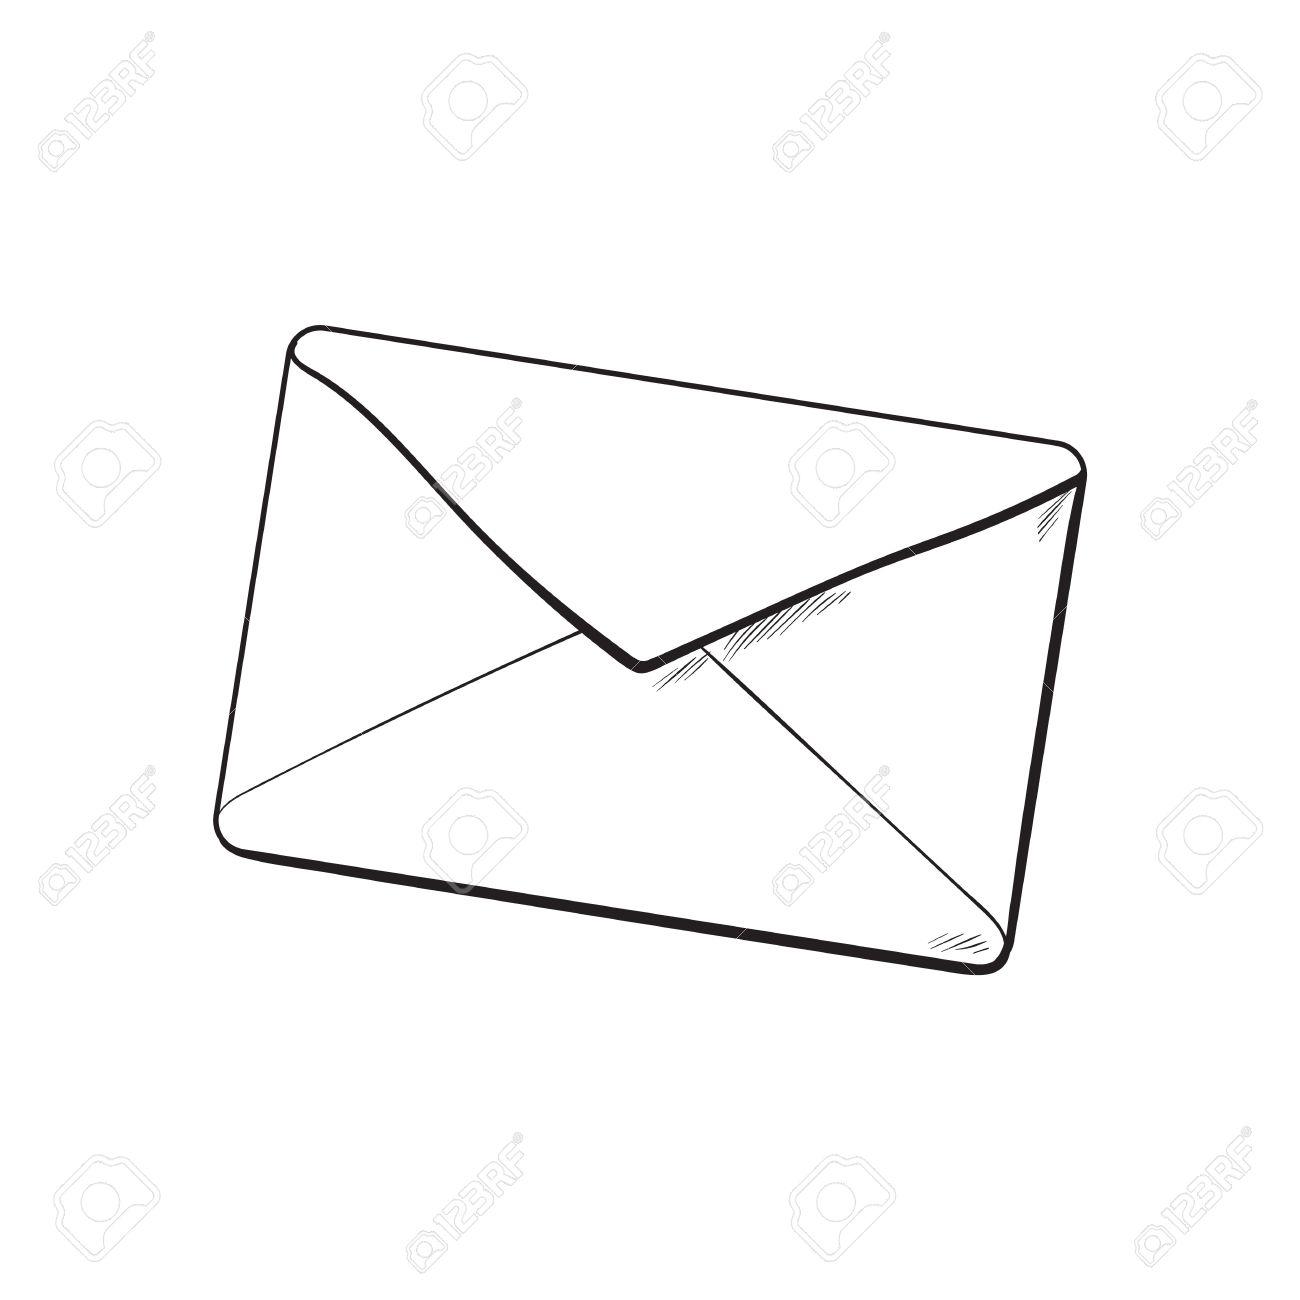 Dessin D Enveloppe fond de l'enveloppe, croquis d'illustration vectorielle isolé sur